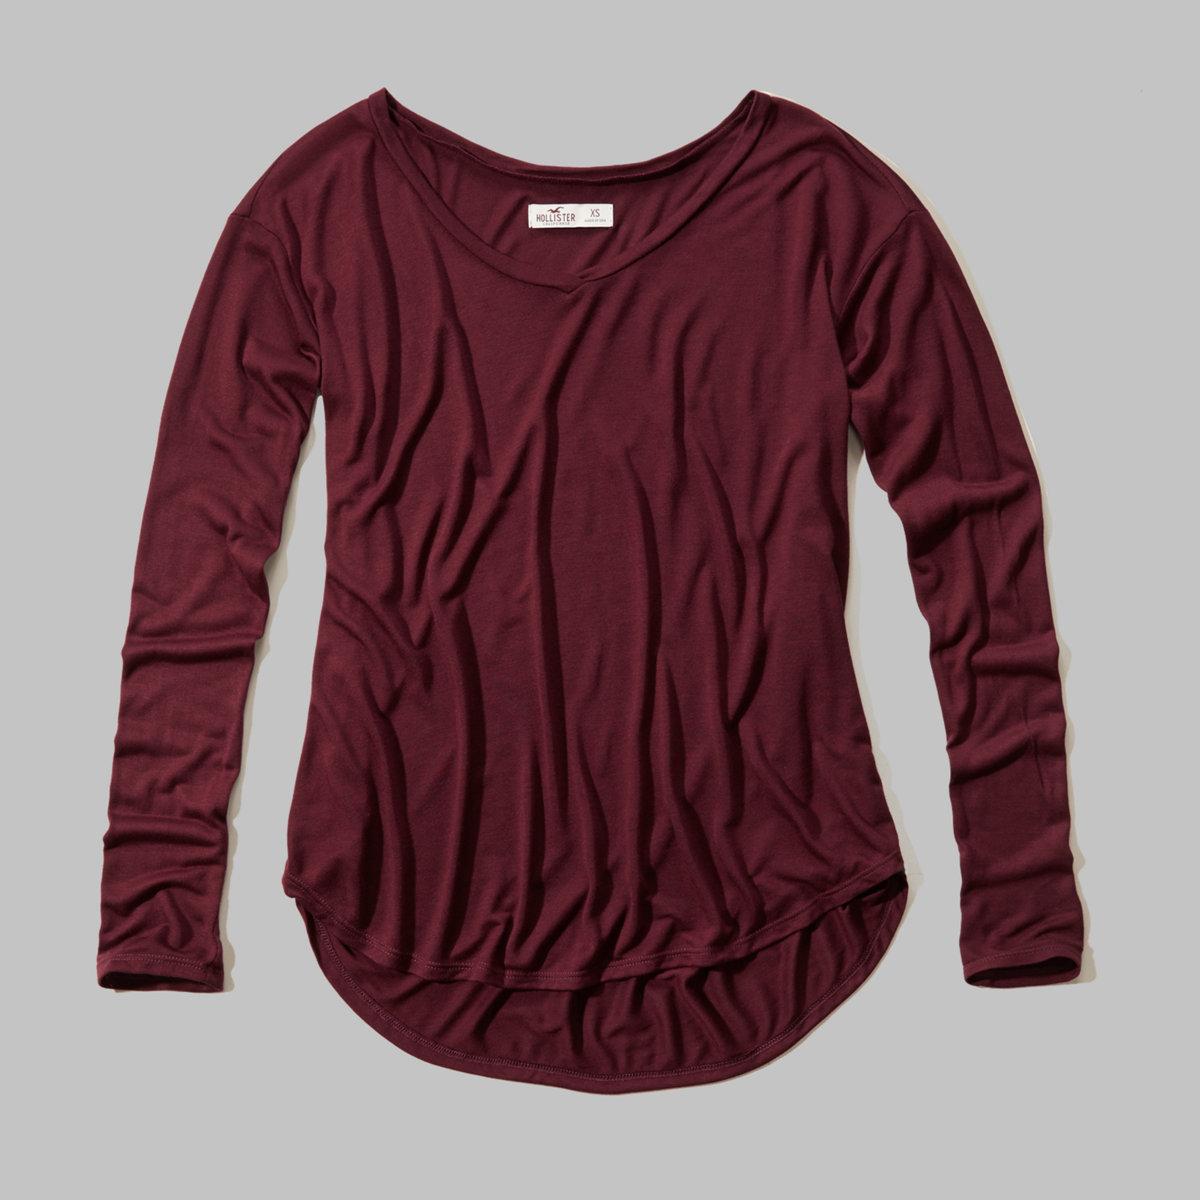 Crest Canyon T-Shirt